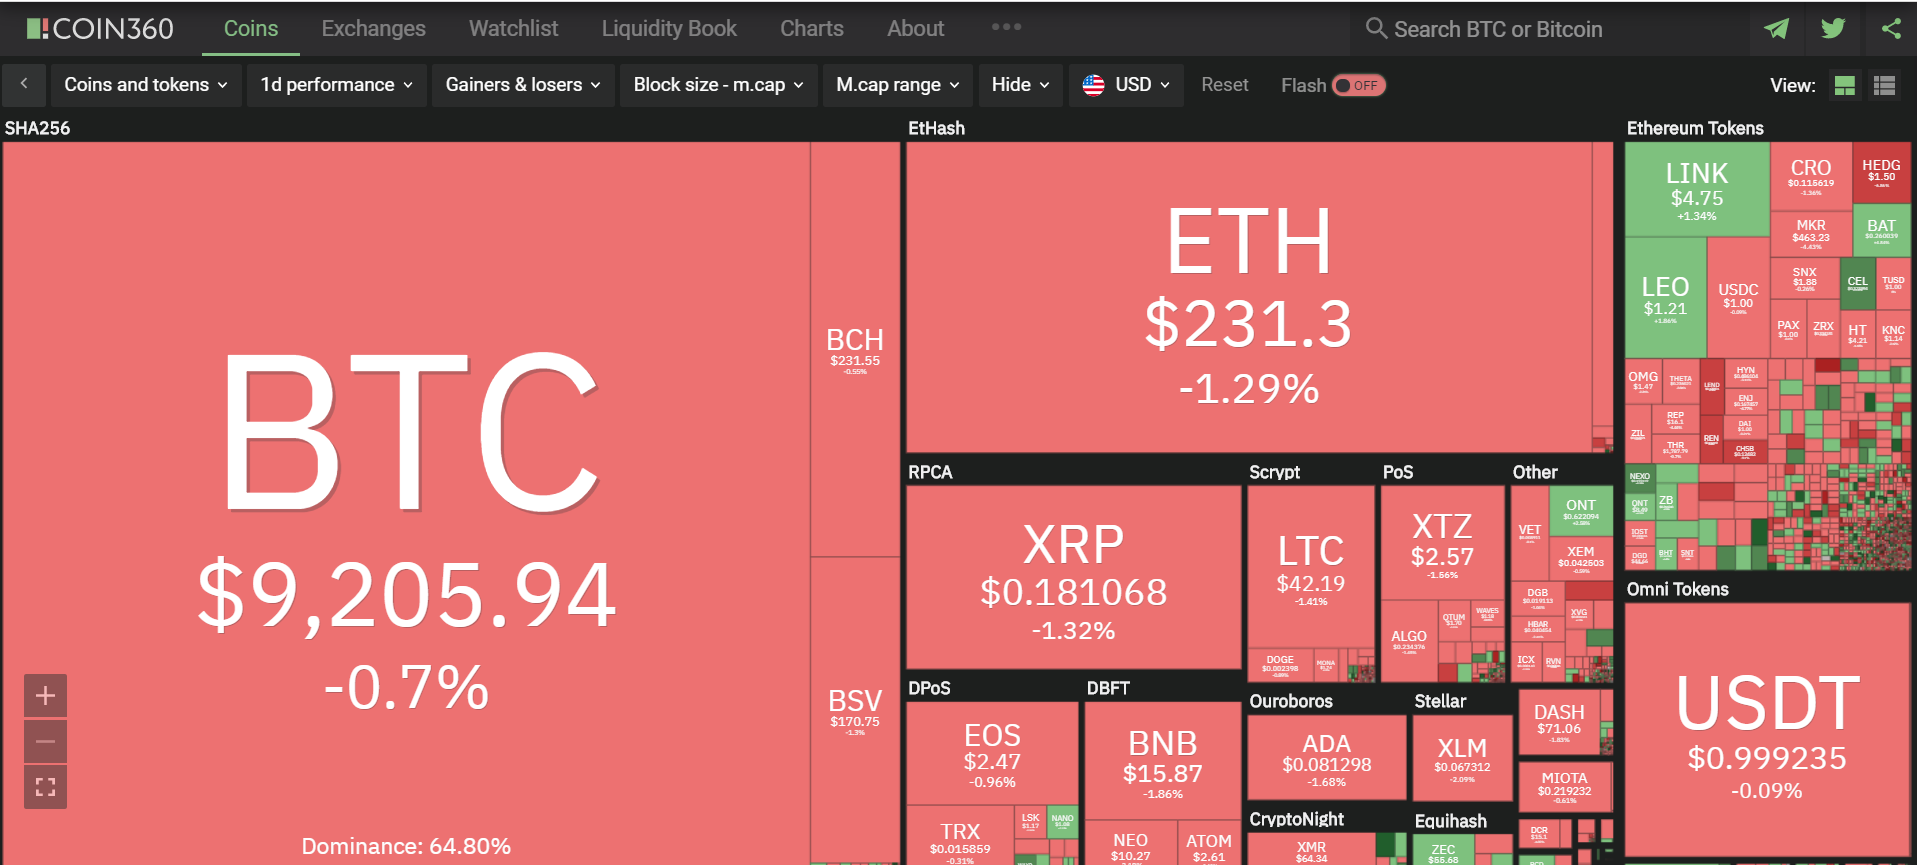 Toàn cảnh thị trường ngày 26/6 (nguồn: Coin360.com)